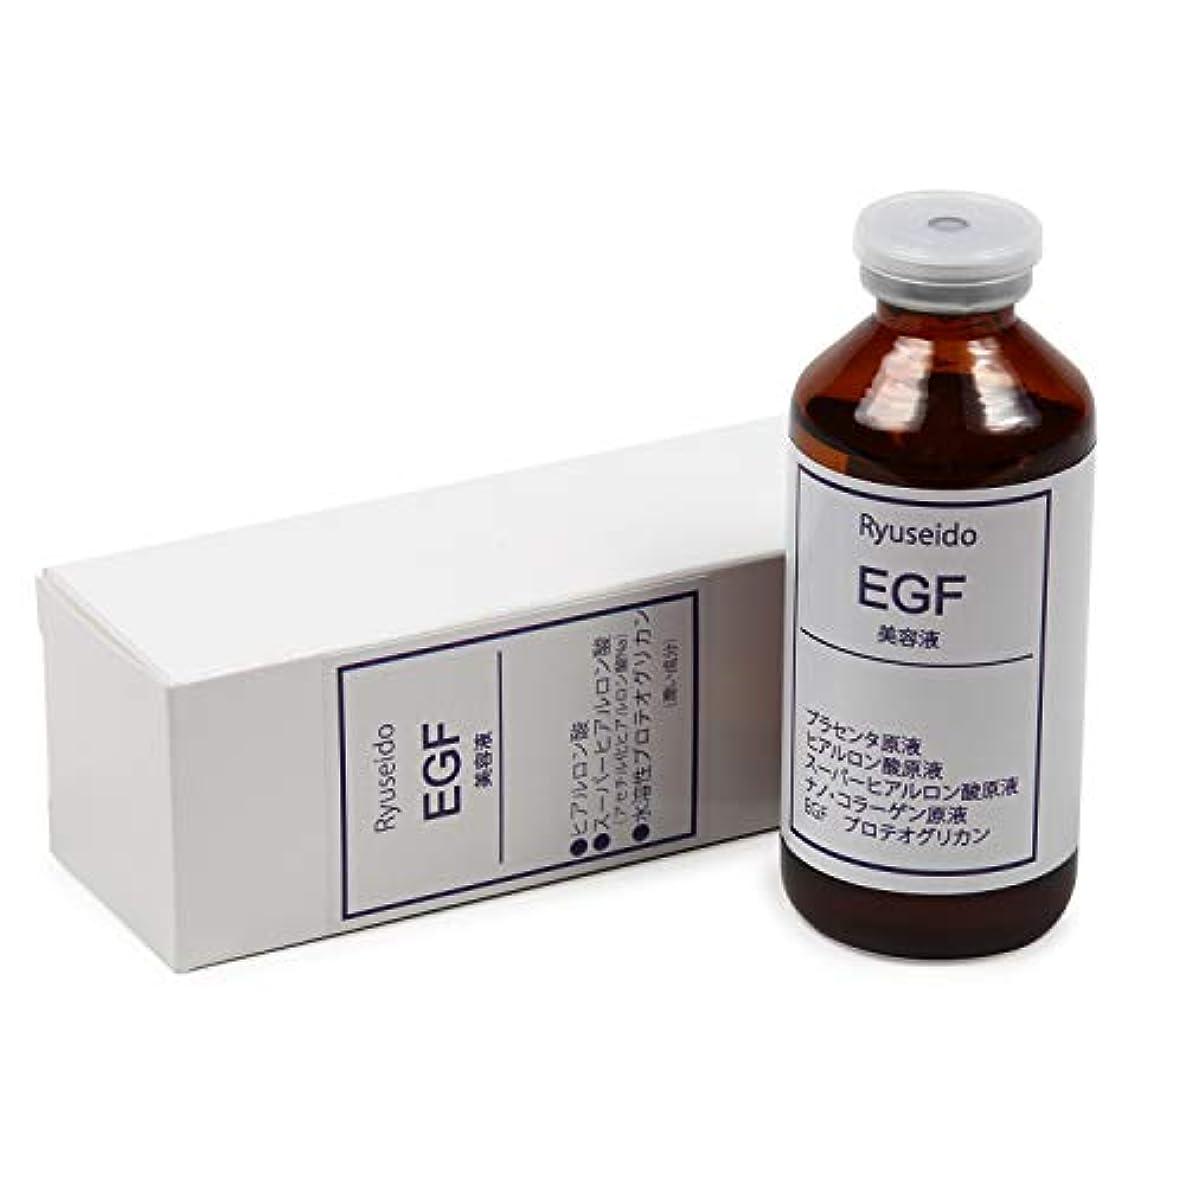 シェトランド諸島パニック中傷10倍濃度EGFをプラセンタ?ナノコラーゲン?ヒアルロン酸原液に配合。毛穴レスできめ細かなクリアな肌に??生コラーゲン配合でキメ密度がさらにアップ。